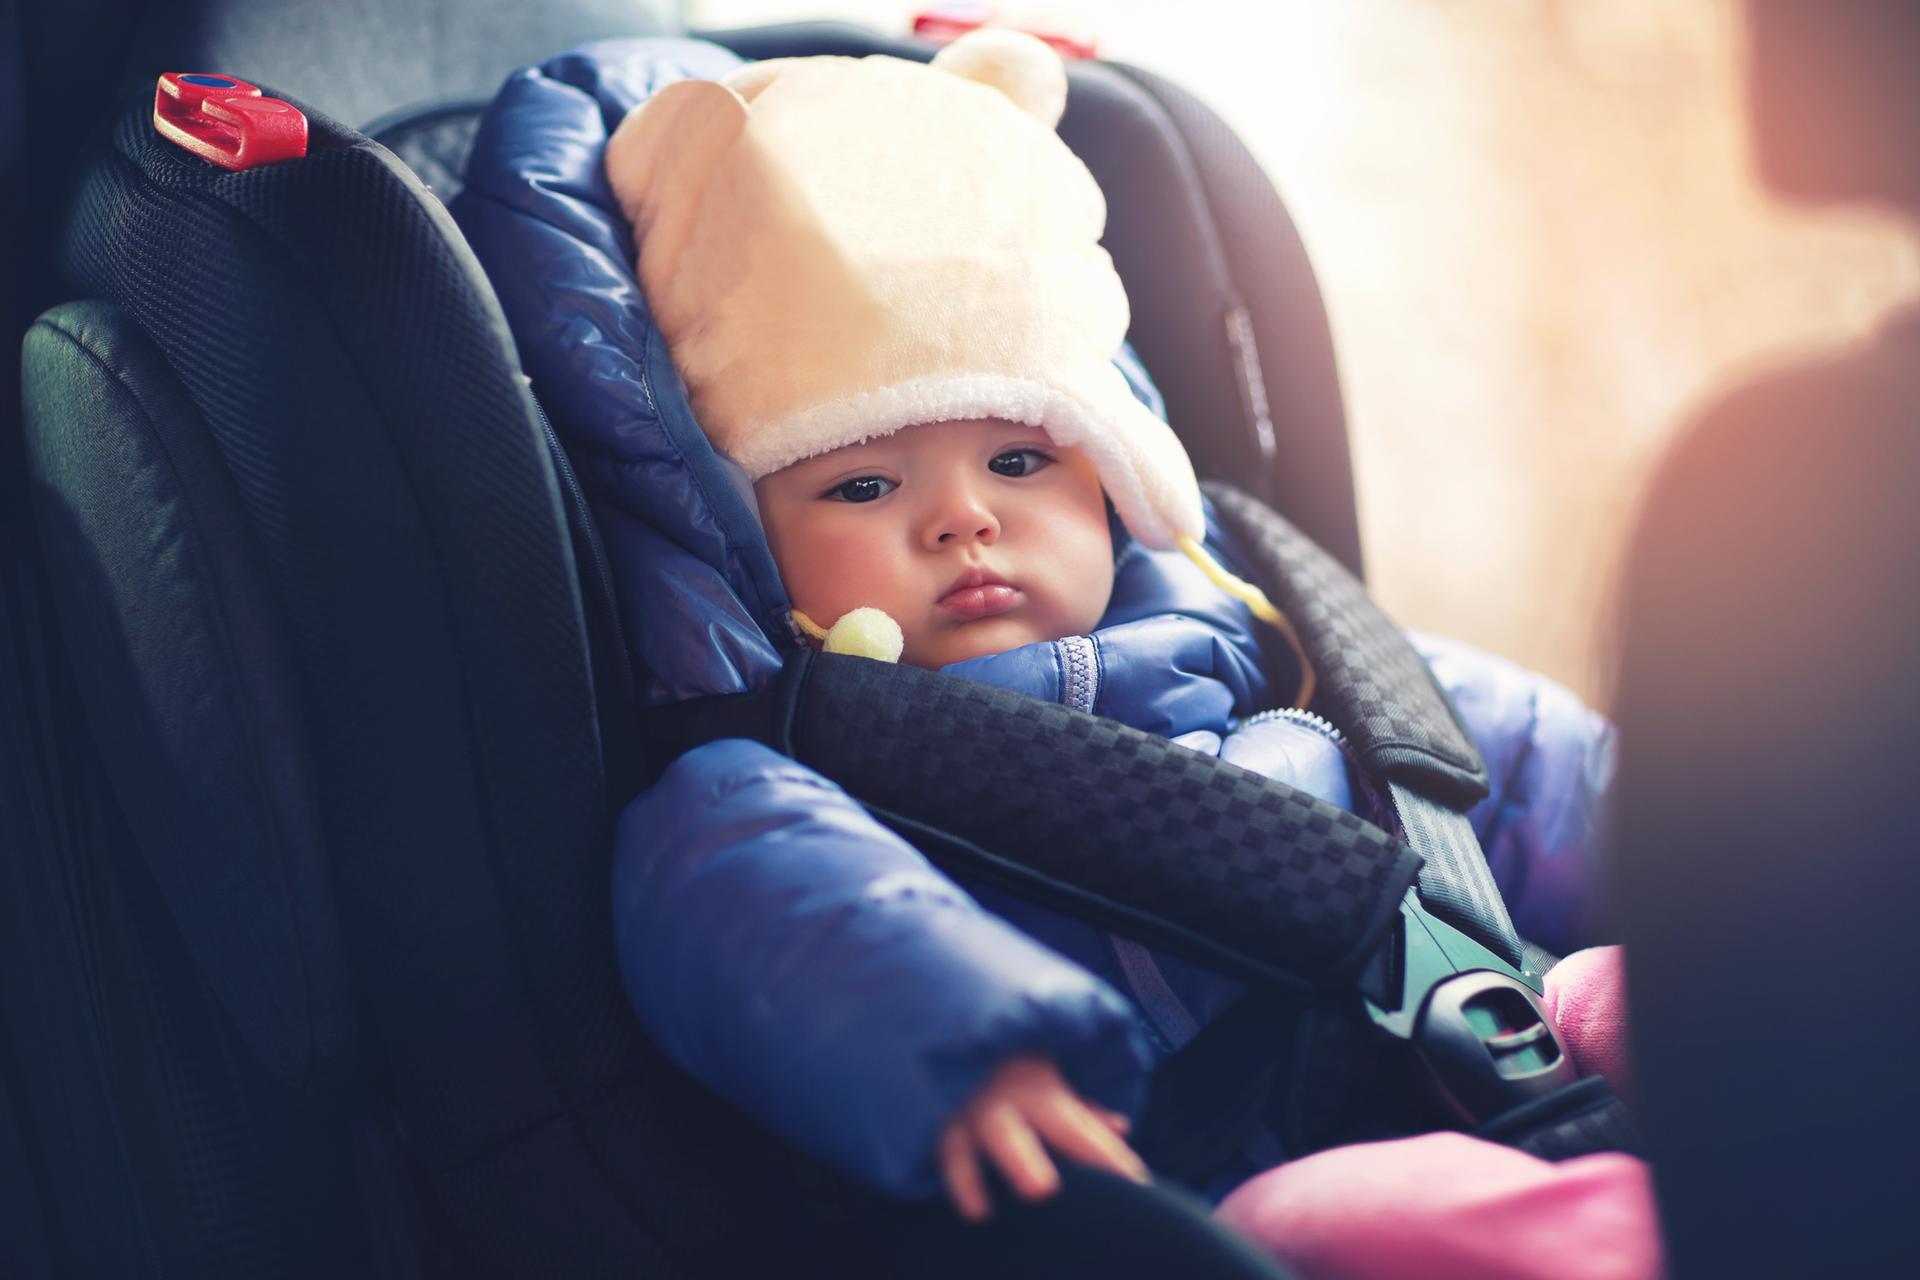 В Твери многодетная мать бросила малыша в машине на морозе